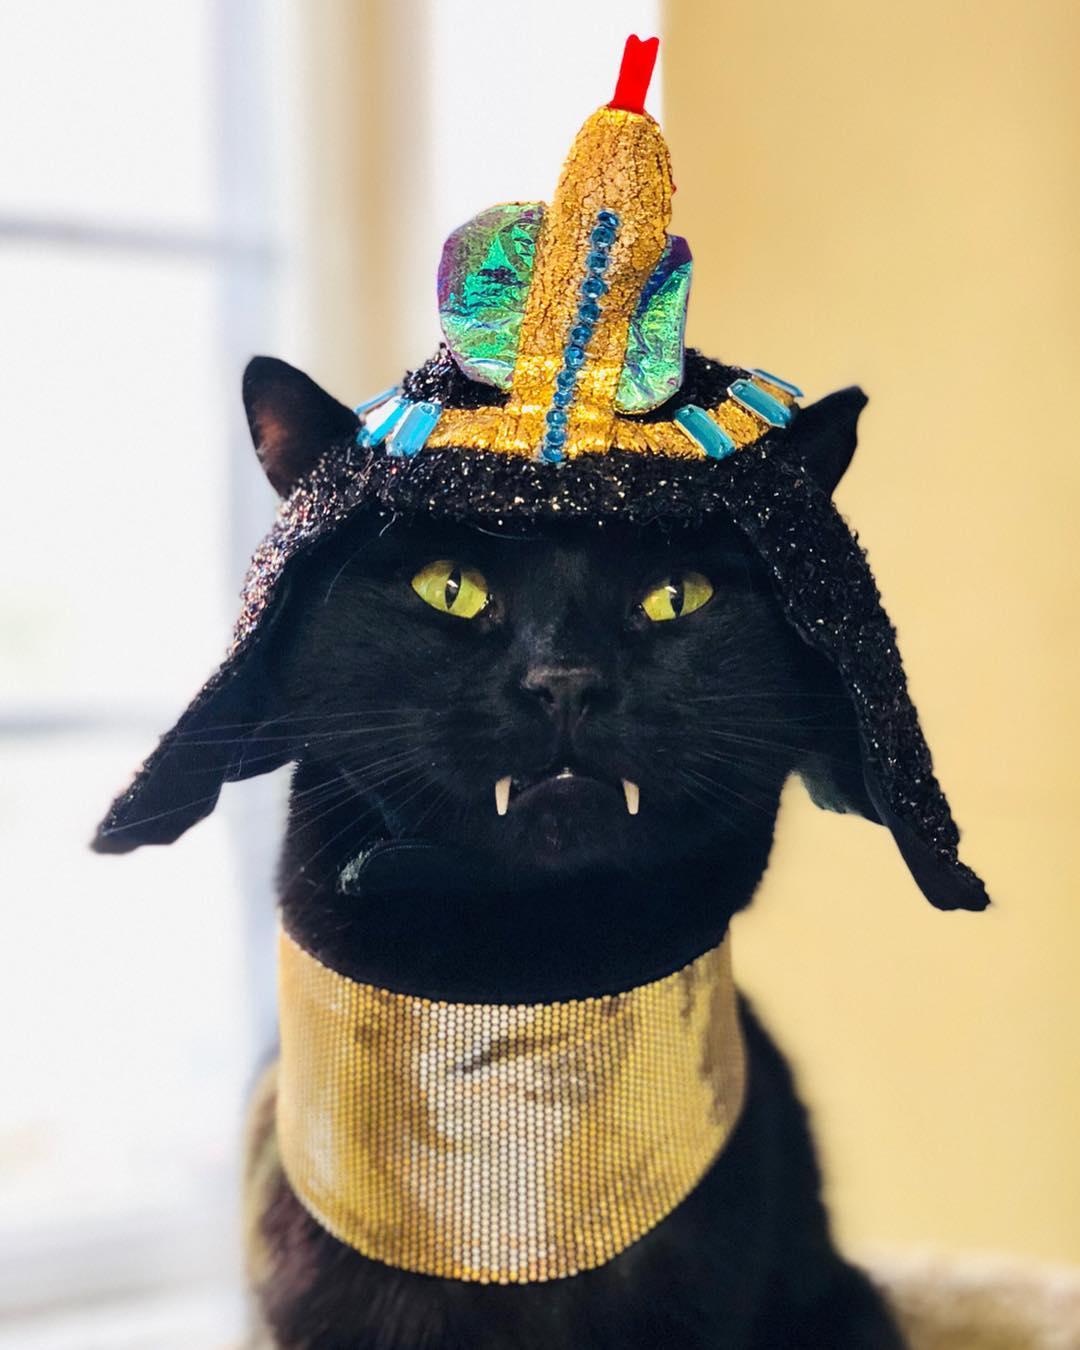 Дракулой котик стал из-за необычных клыков